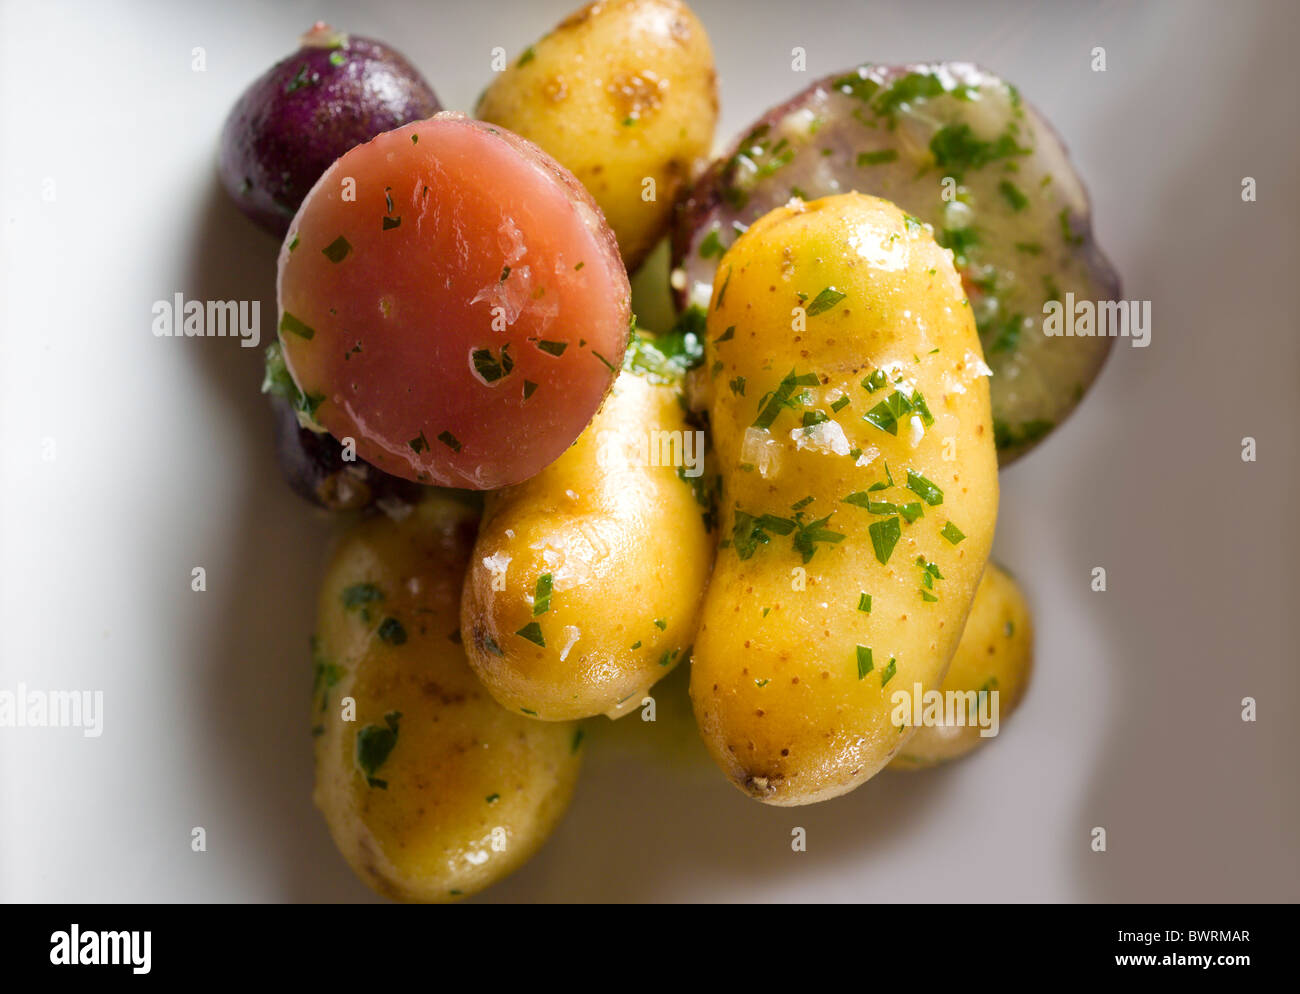 Salade de pommes de terre préparées par Masaharu Morimoto Iron Chef du restaurant Morimoto à New Photo Stock